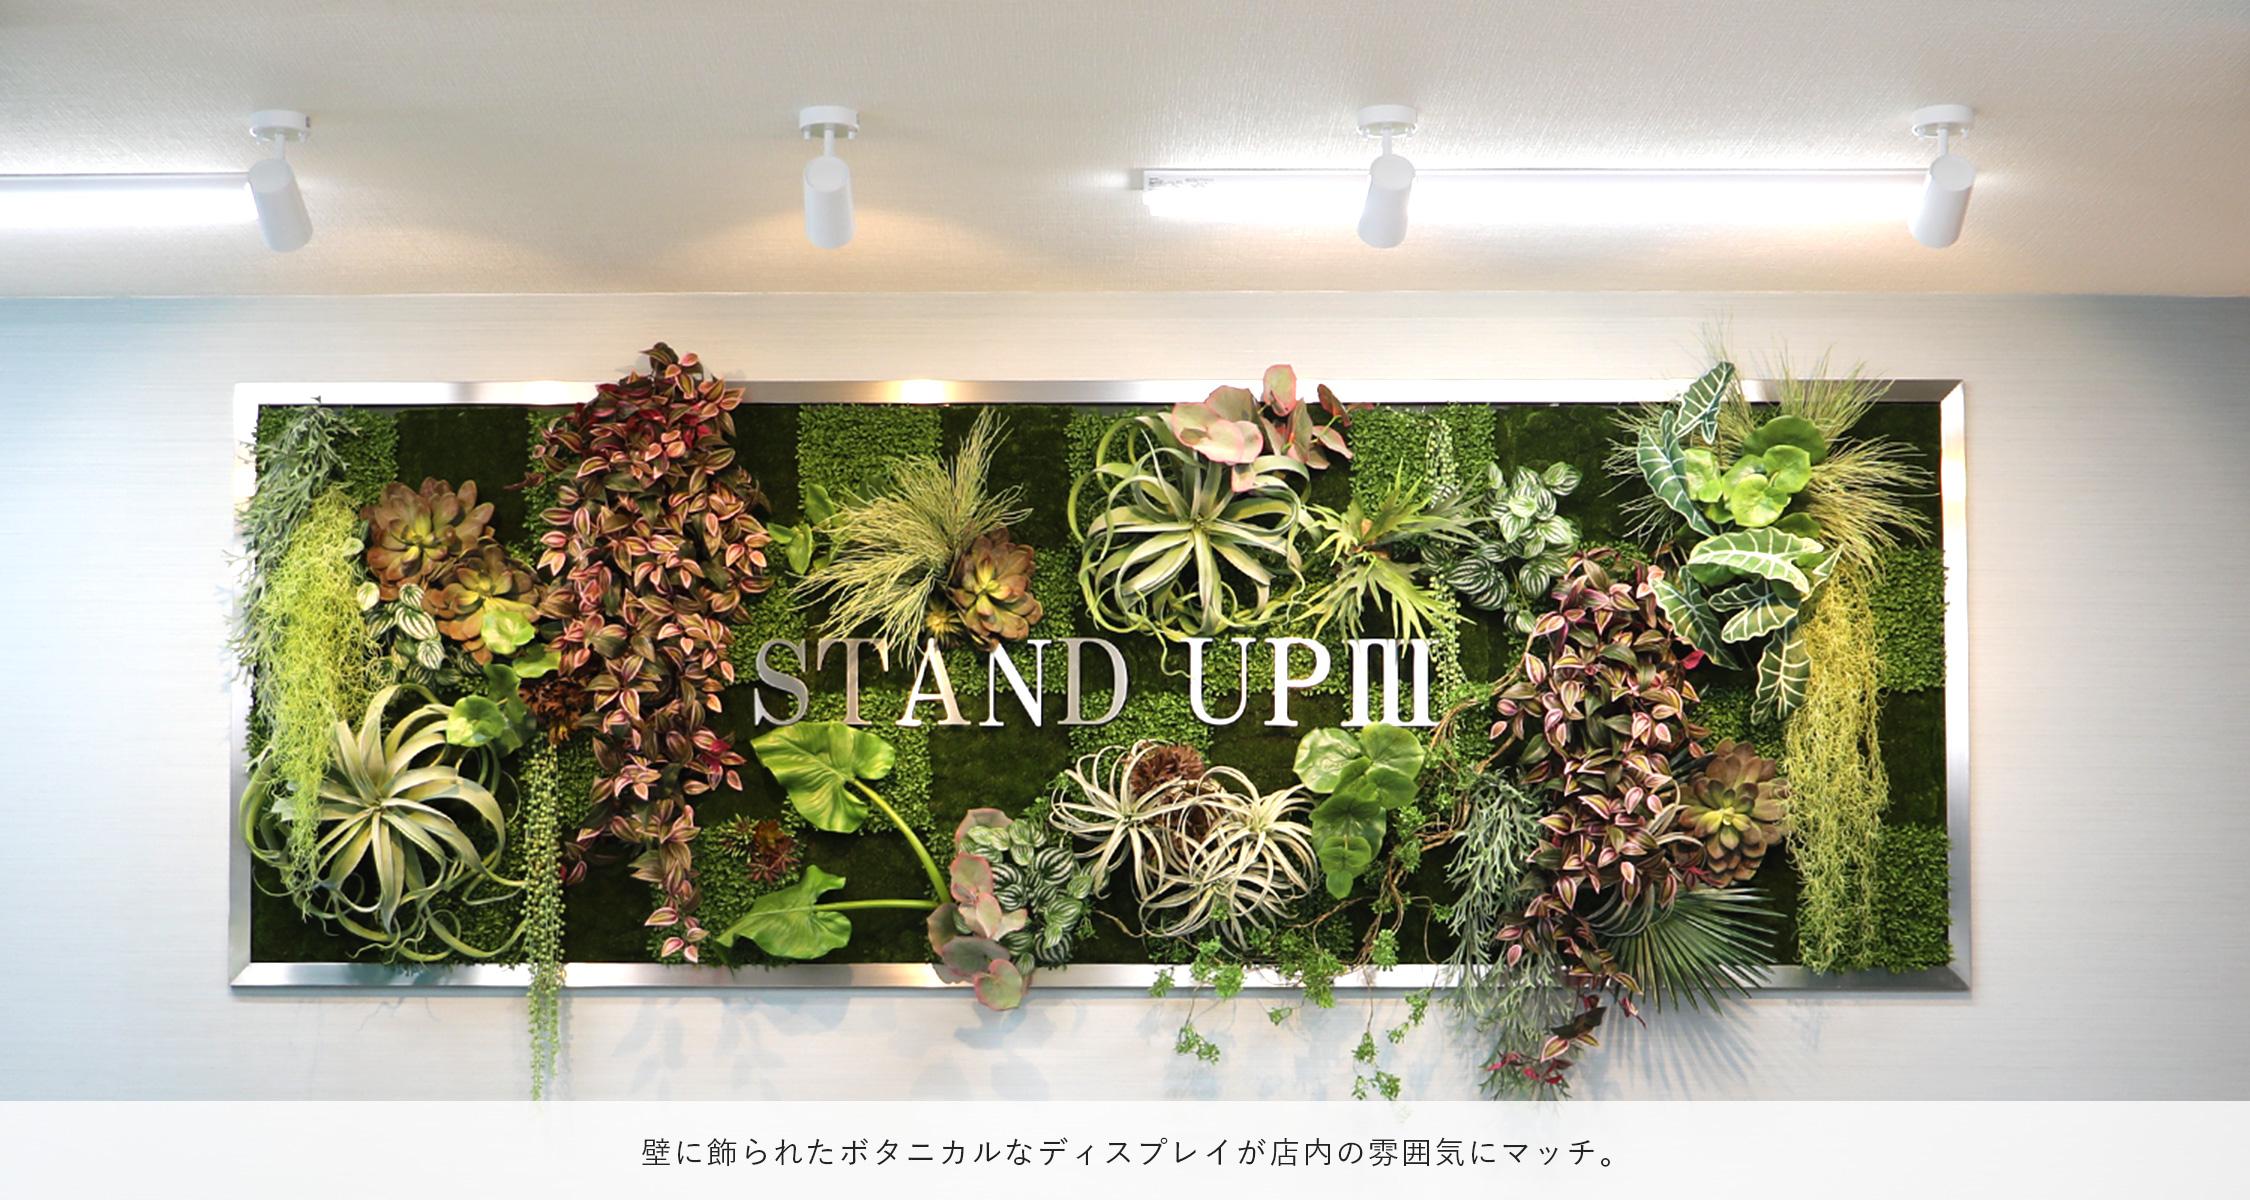 壁に飾られたボタニカルなディスプレイが店内の雰囲気にマッチ。